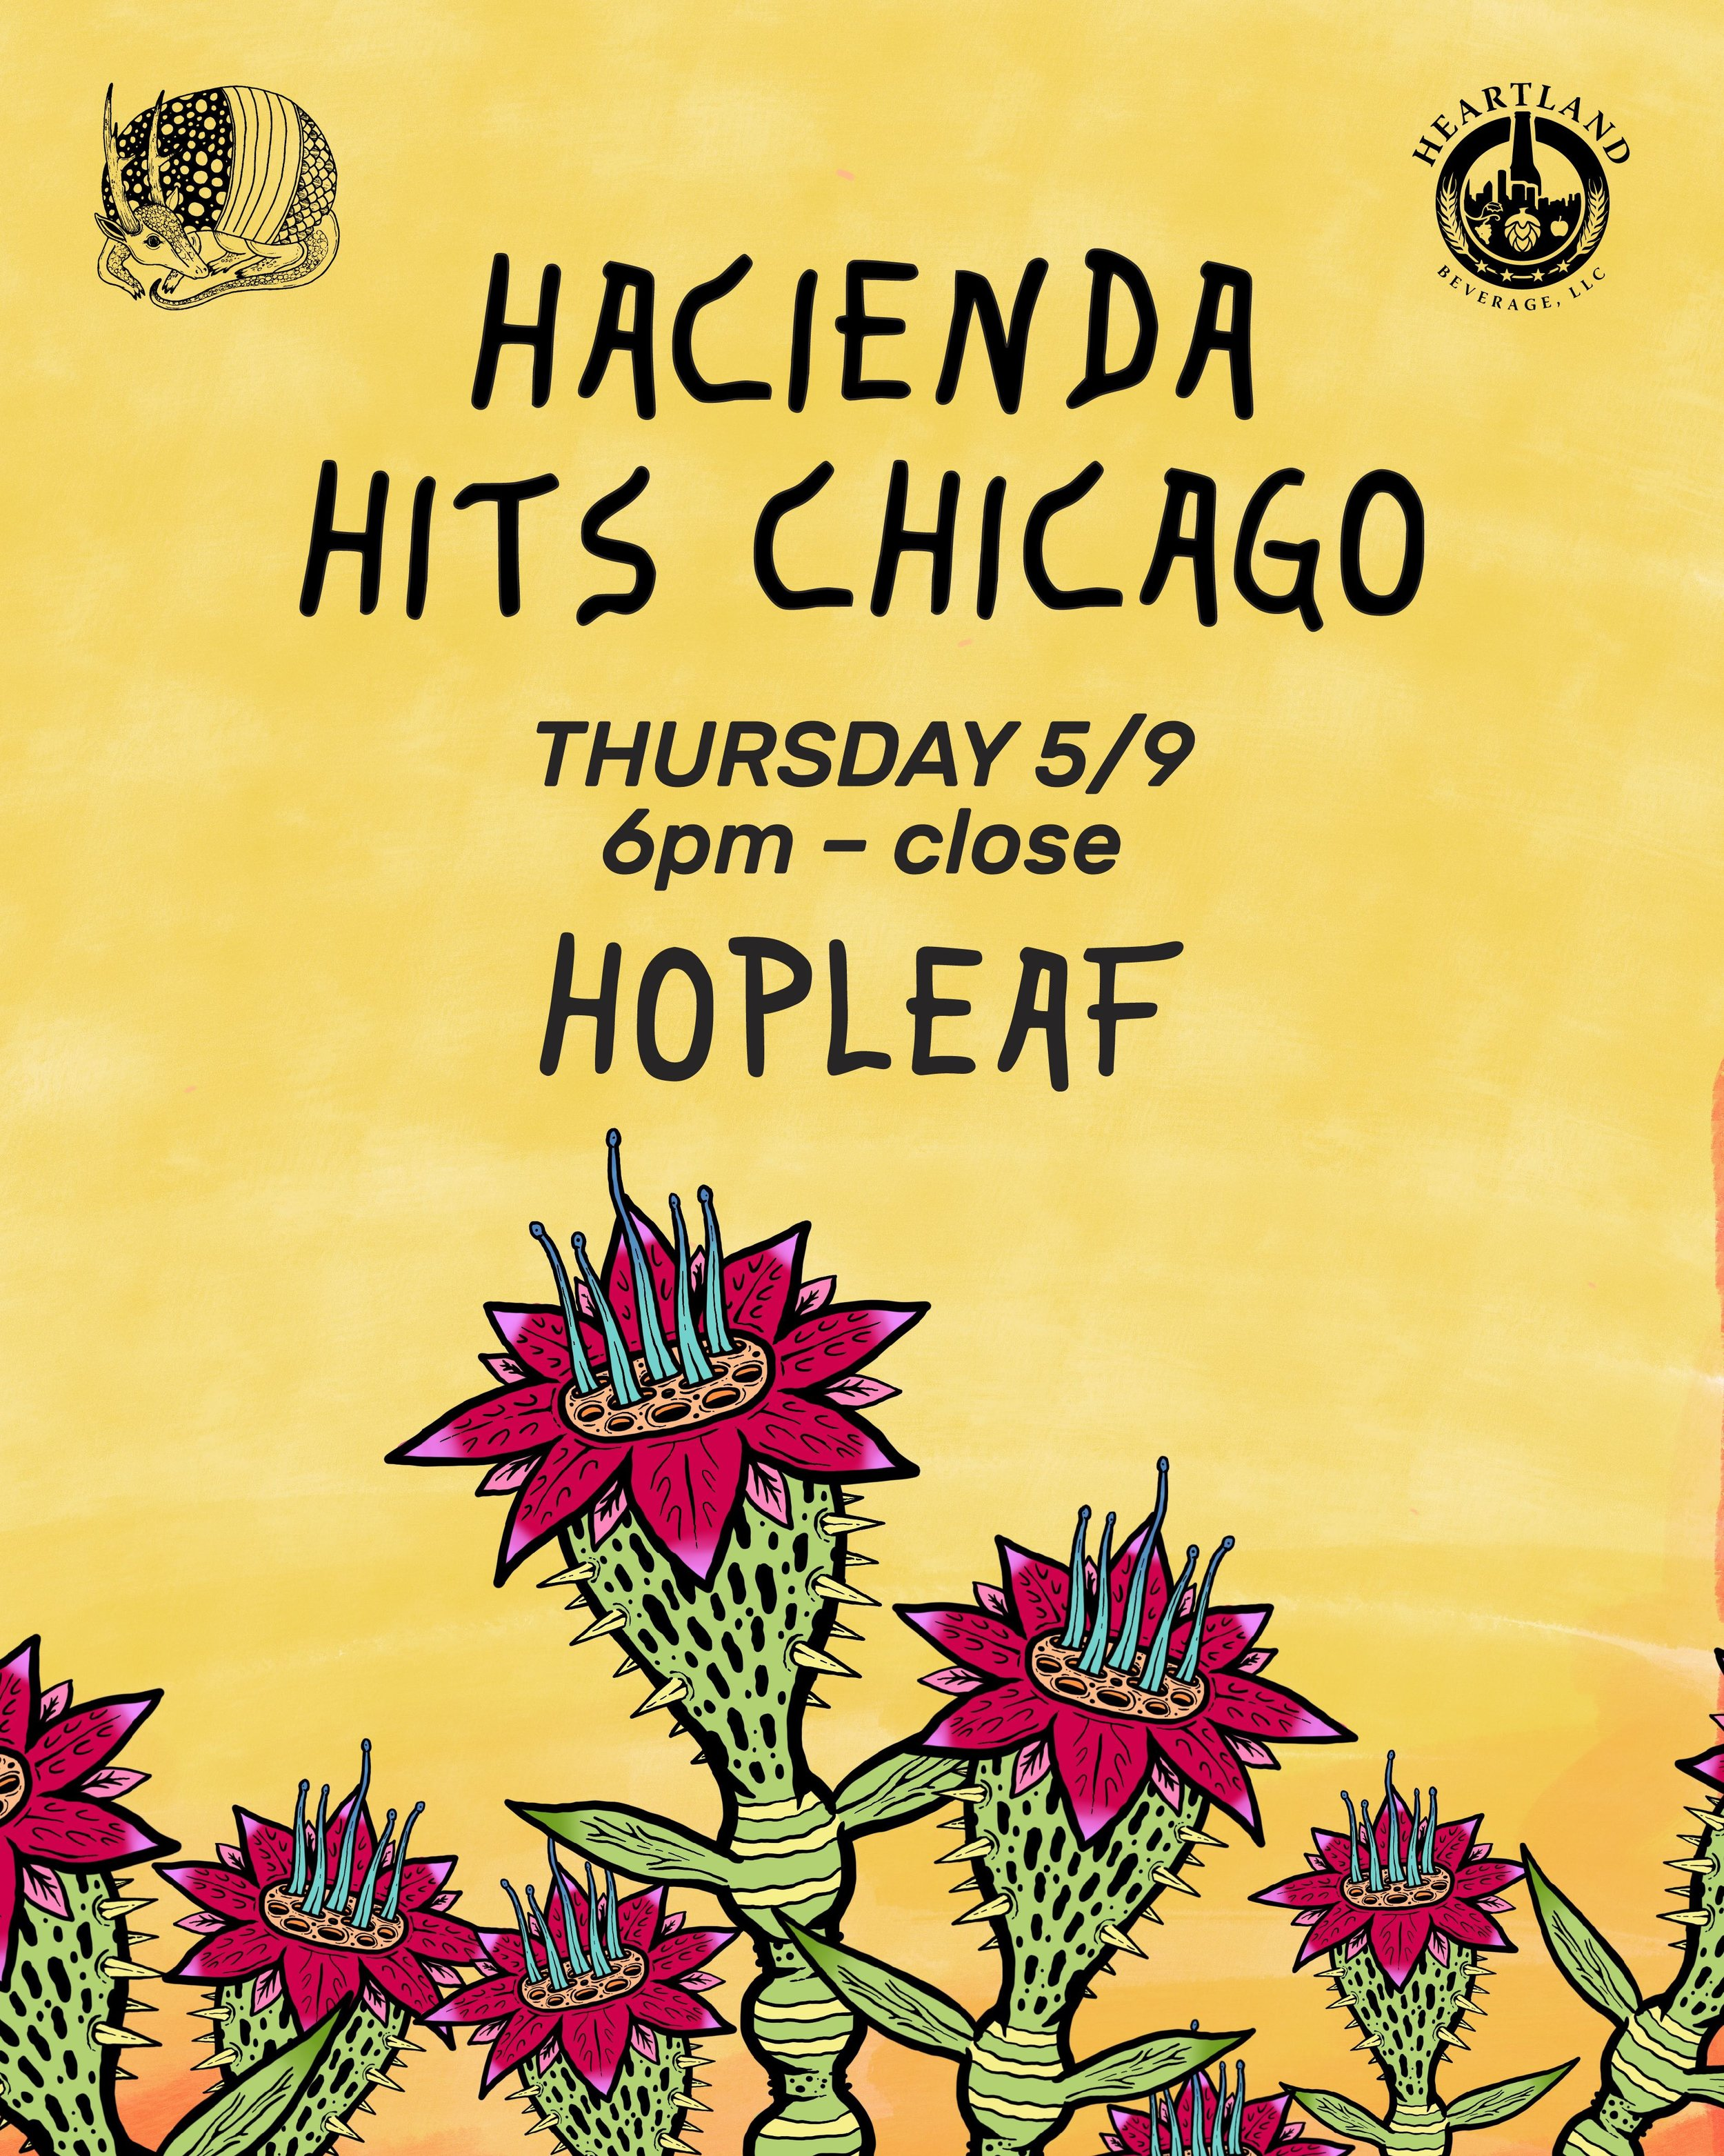 Hopleaf-Hacienda-Chicago-Launch-01-reduced.jpg